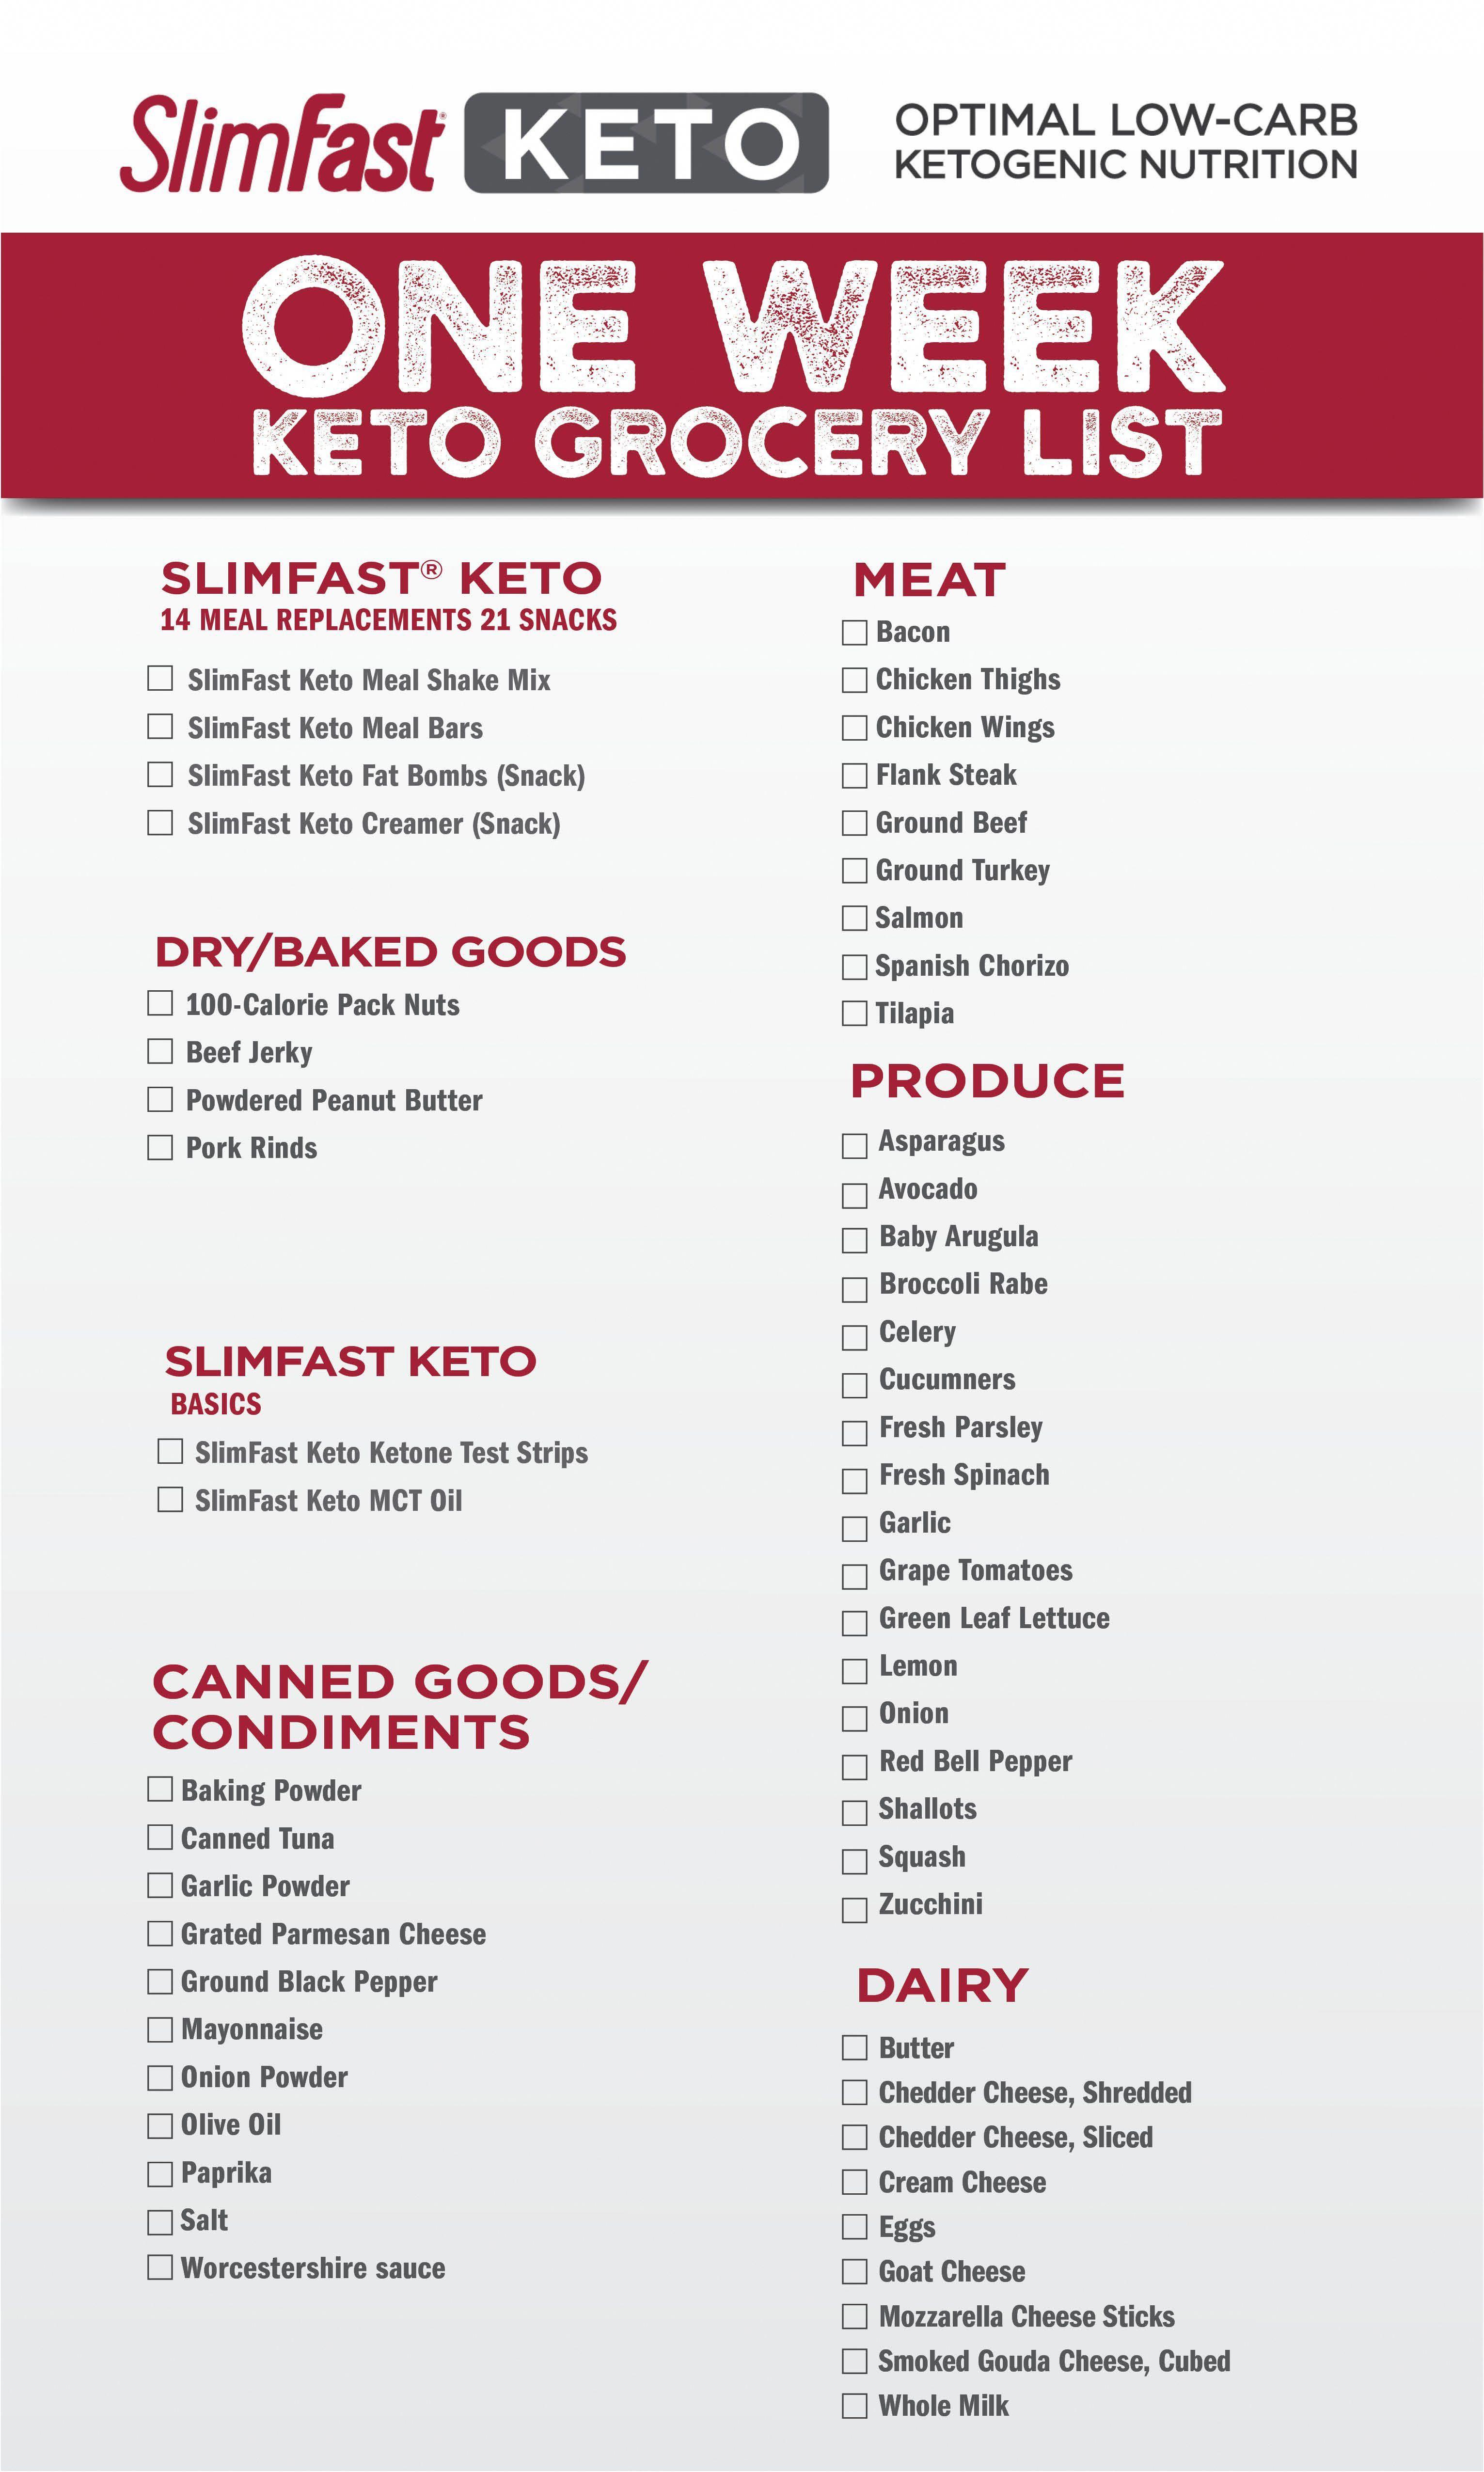 One Week Keto Grocery List Slimfast Keto Diet Meal Plan Keto Grocery List Slim Fast